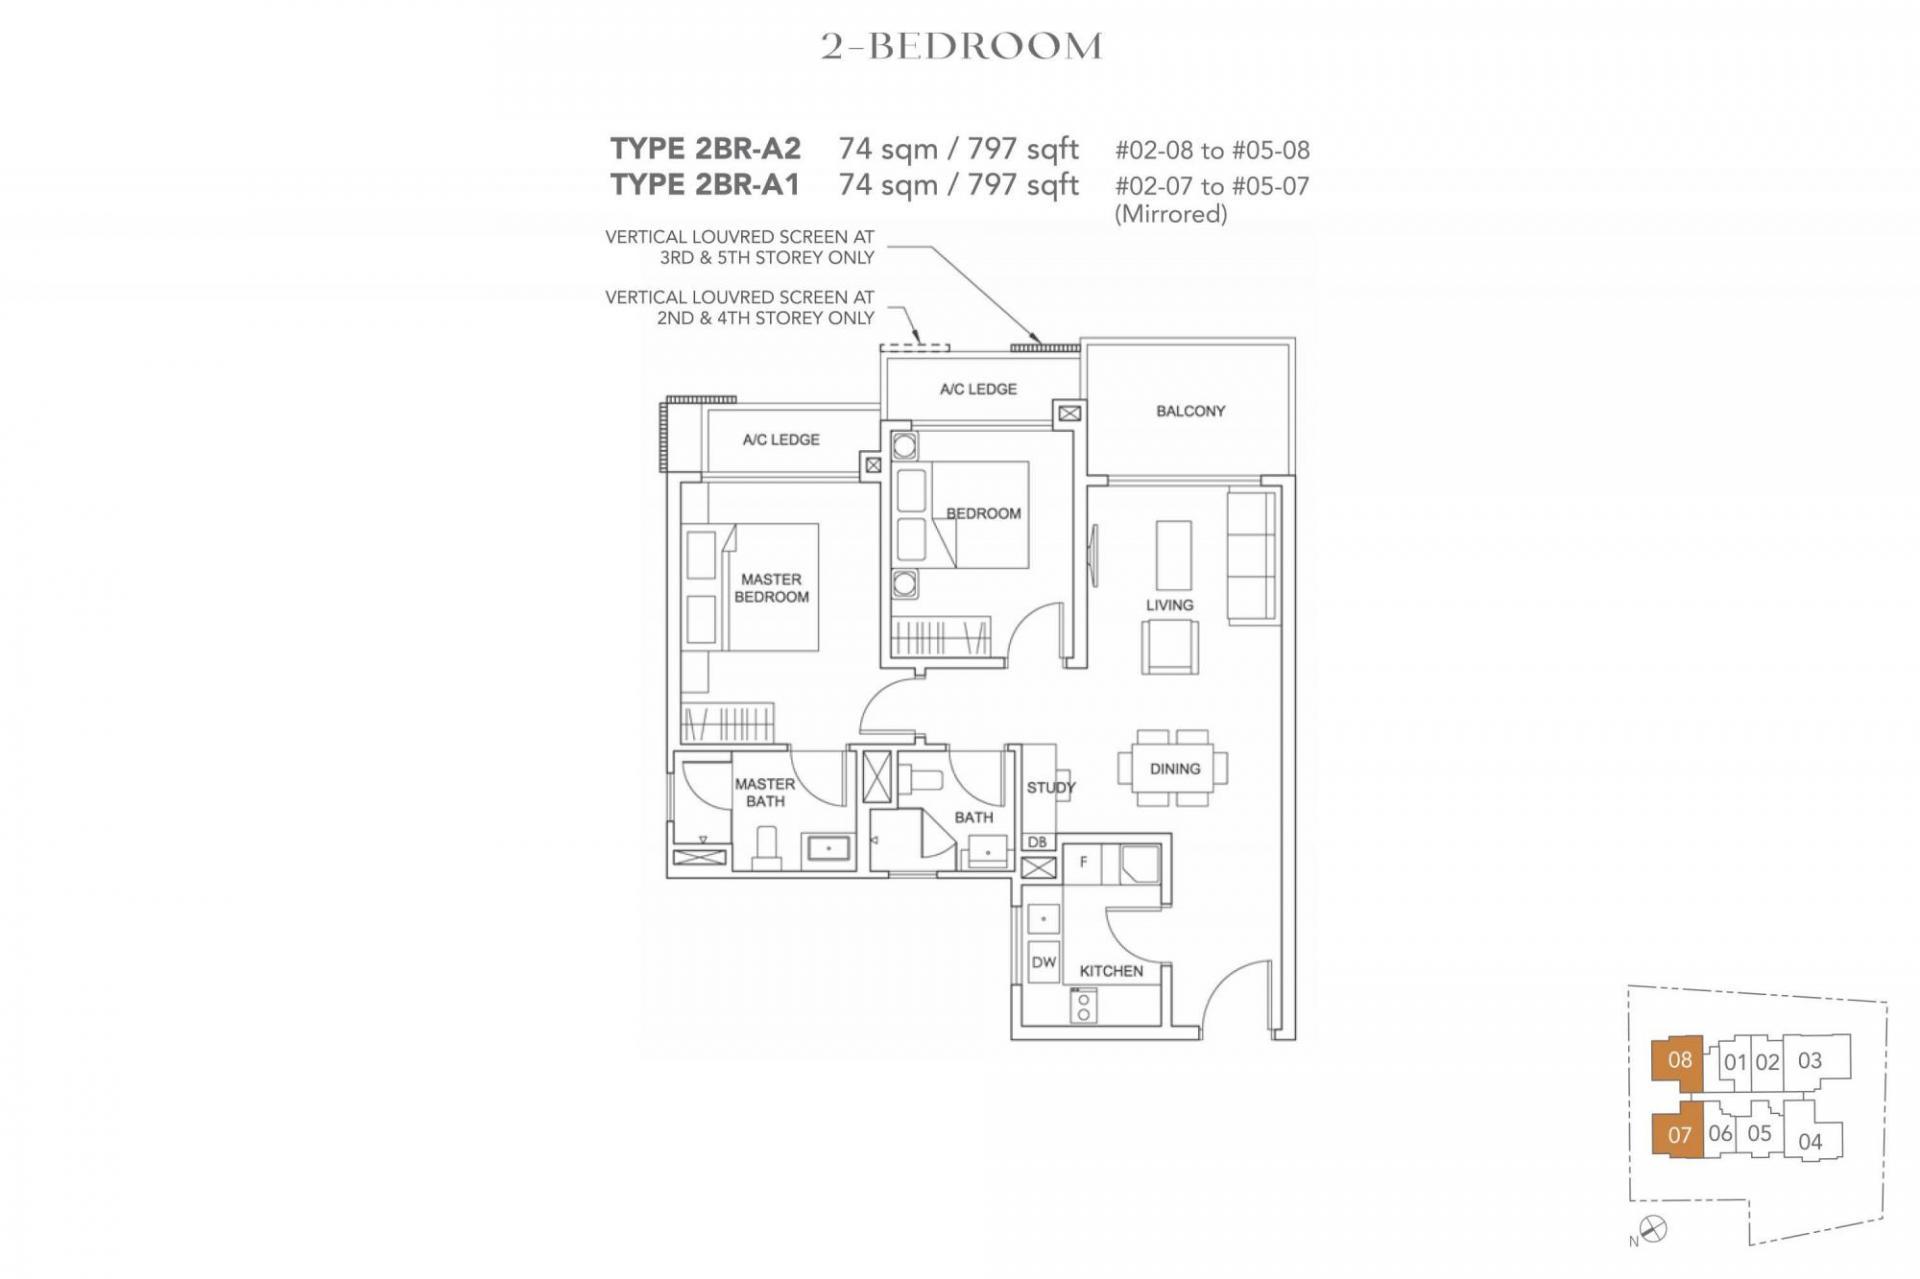 jervois-treasures-floor-plan-2br